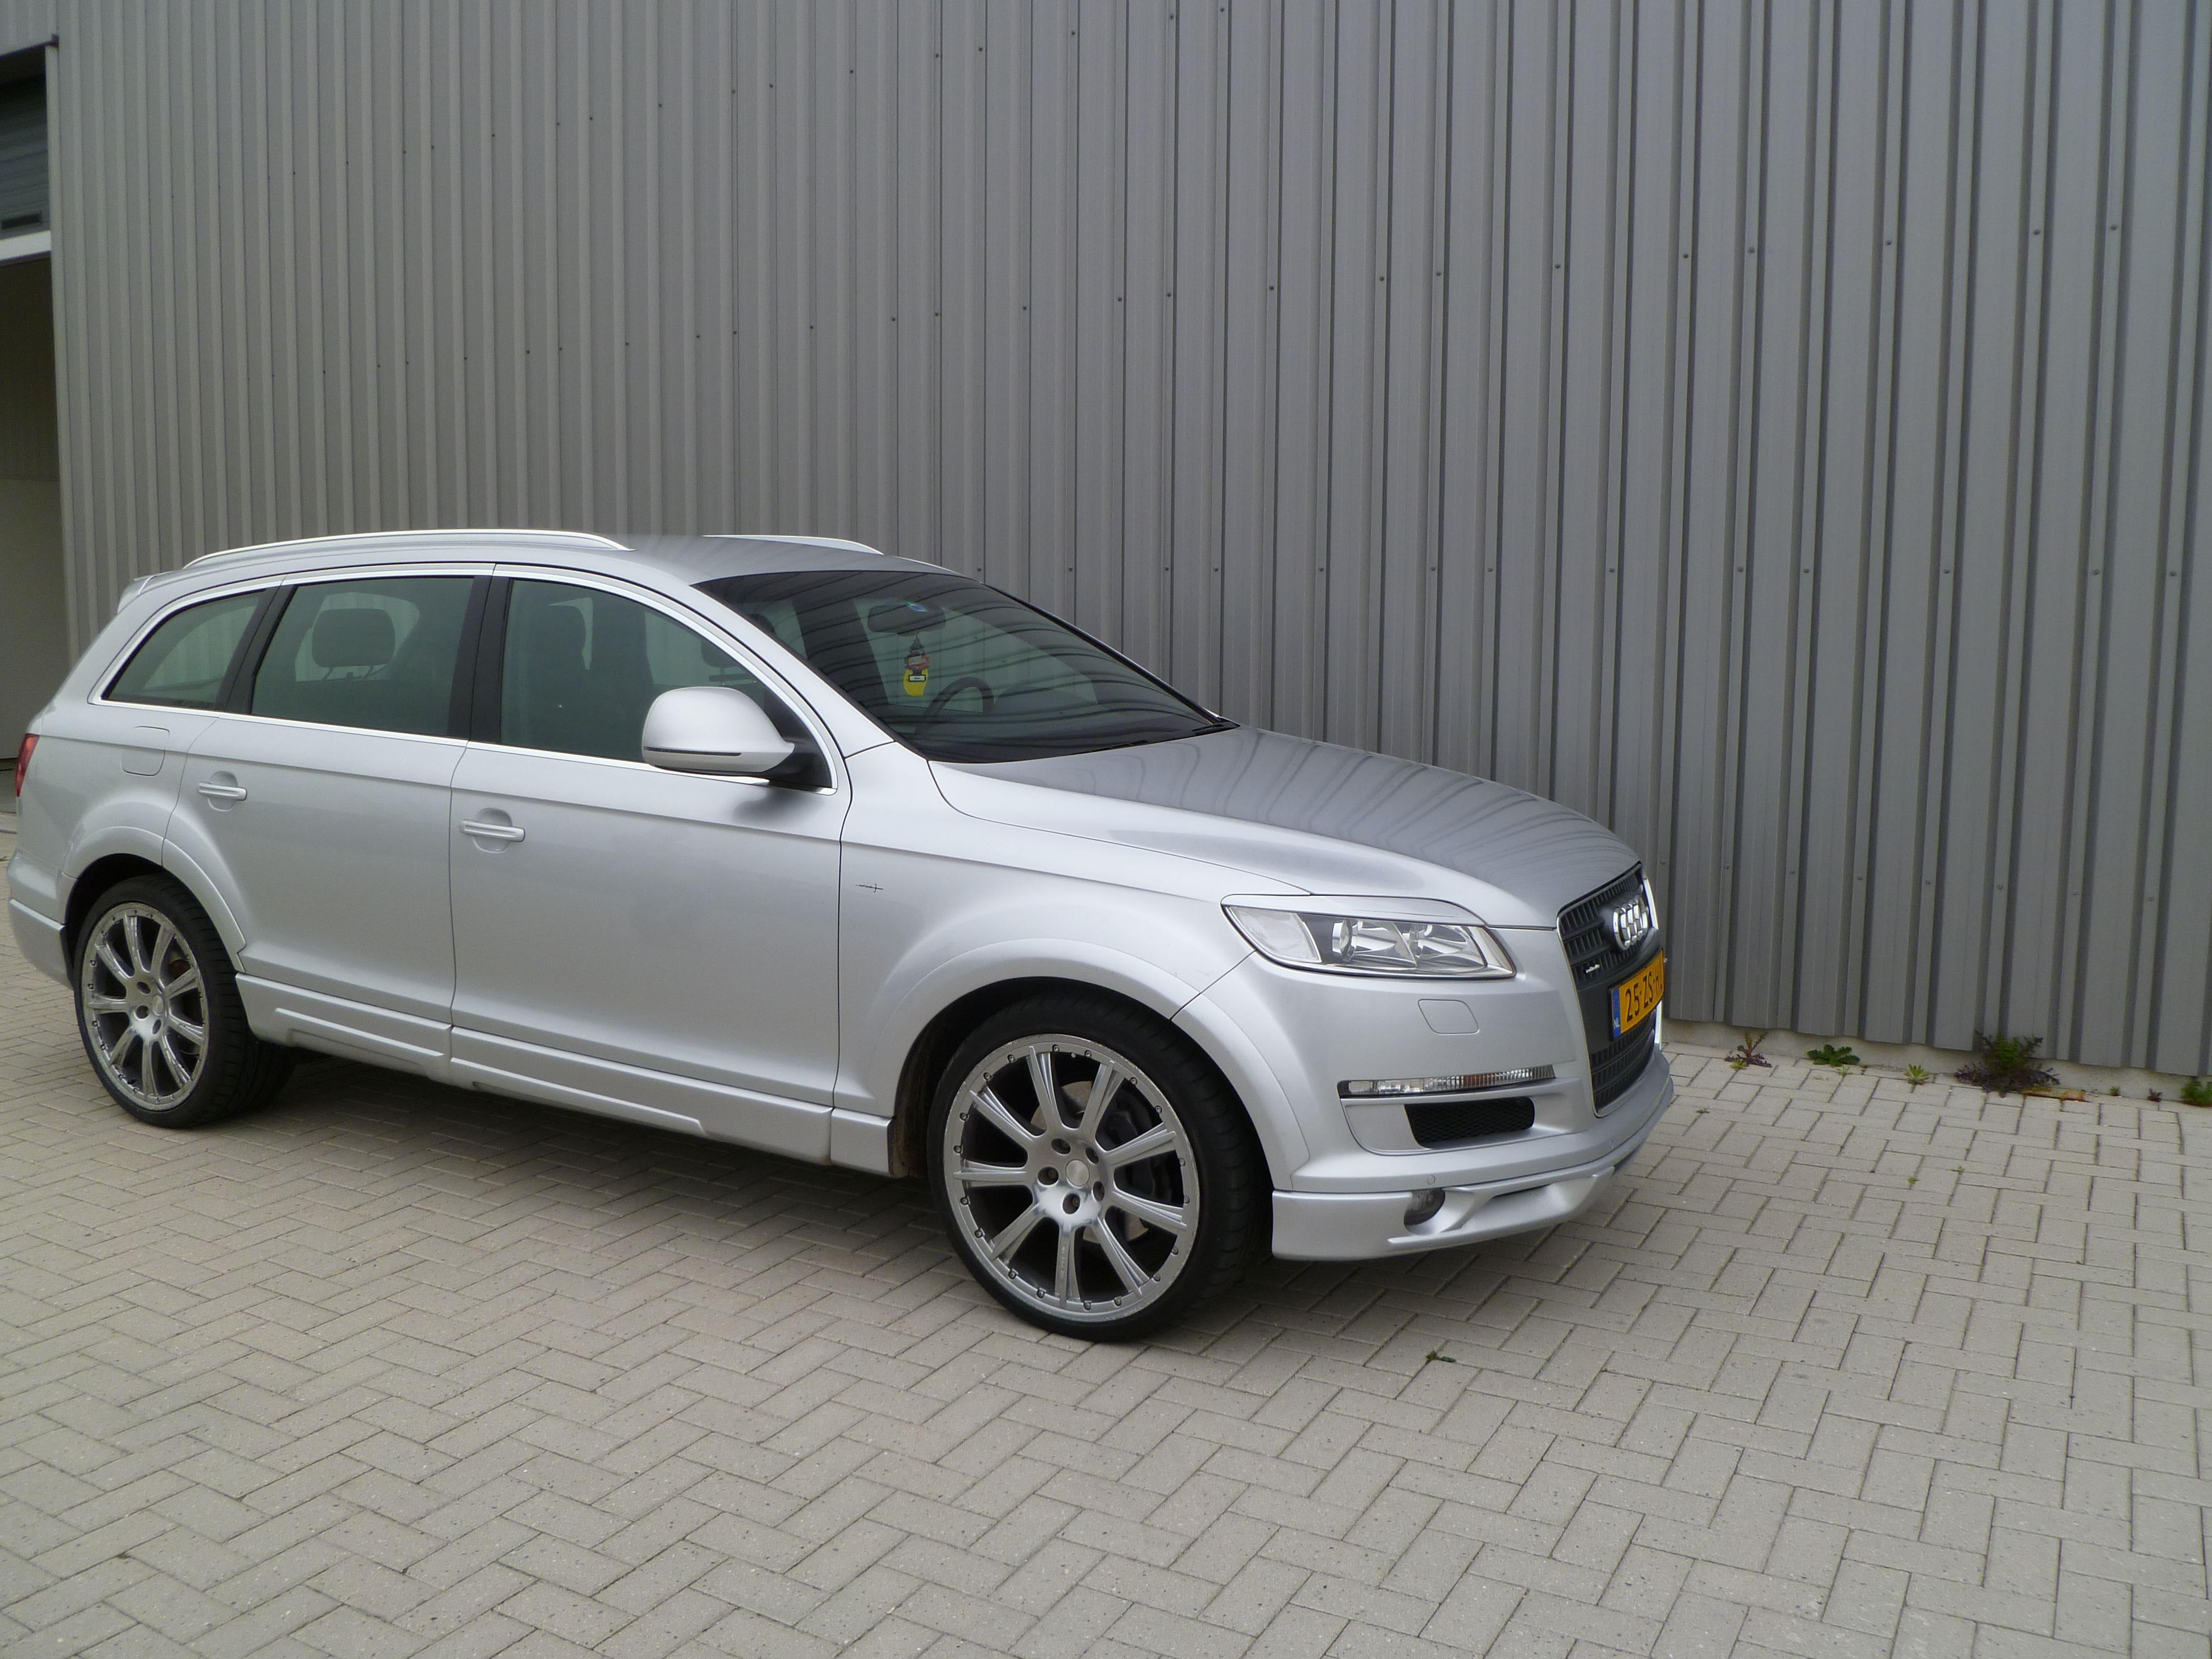 Audi Q7 met Mat Witte Wrap, Carwrapping door Wrapmyride.nu Foto-nr:4931, ©2021